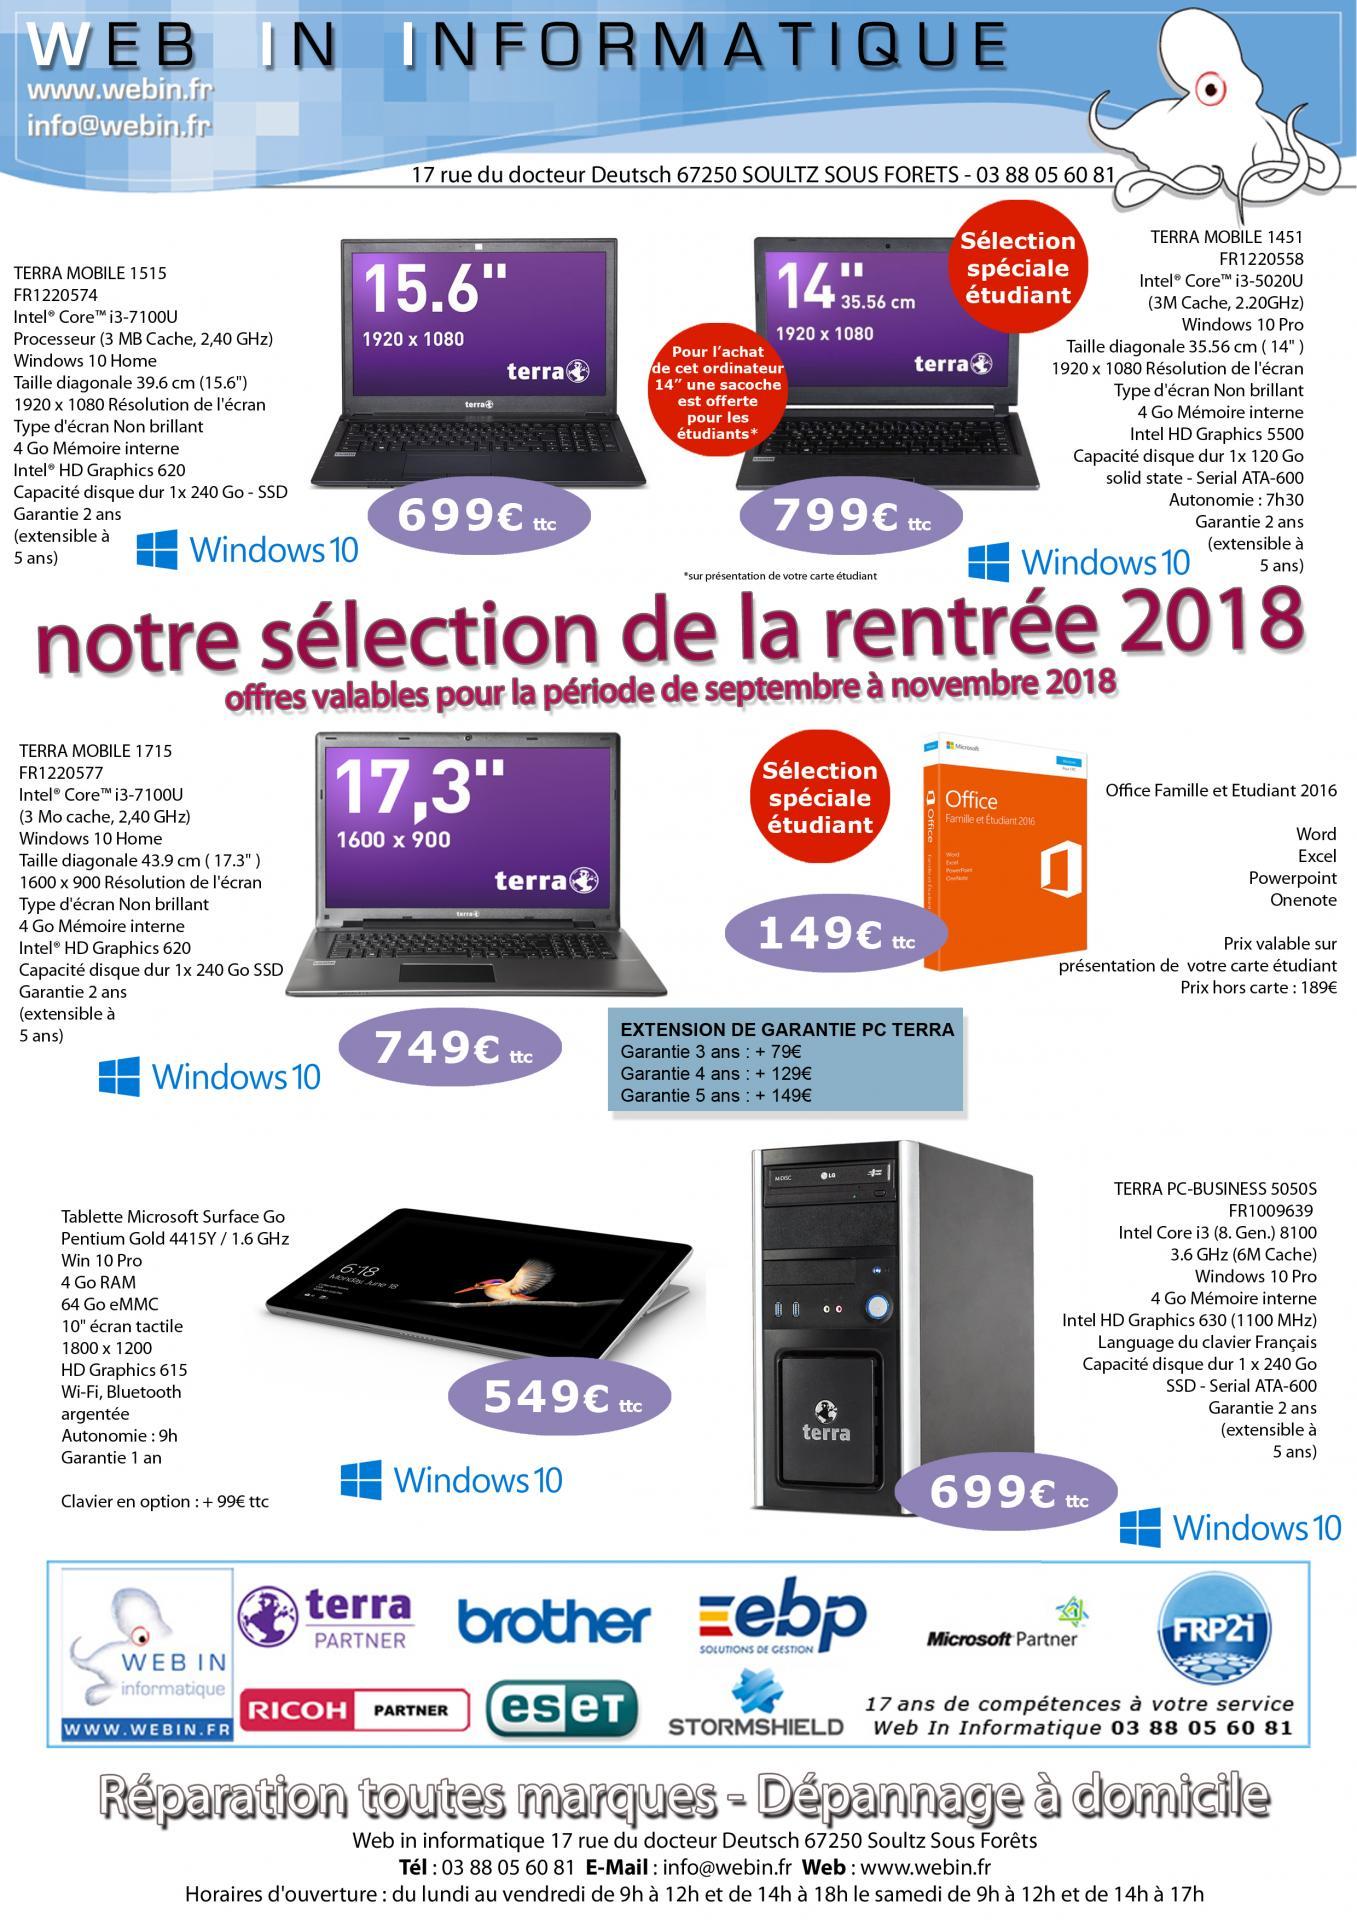 Offres webin rentree 2018